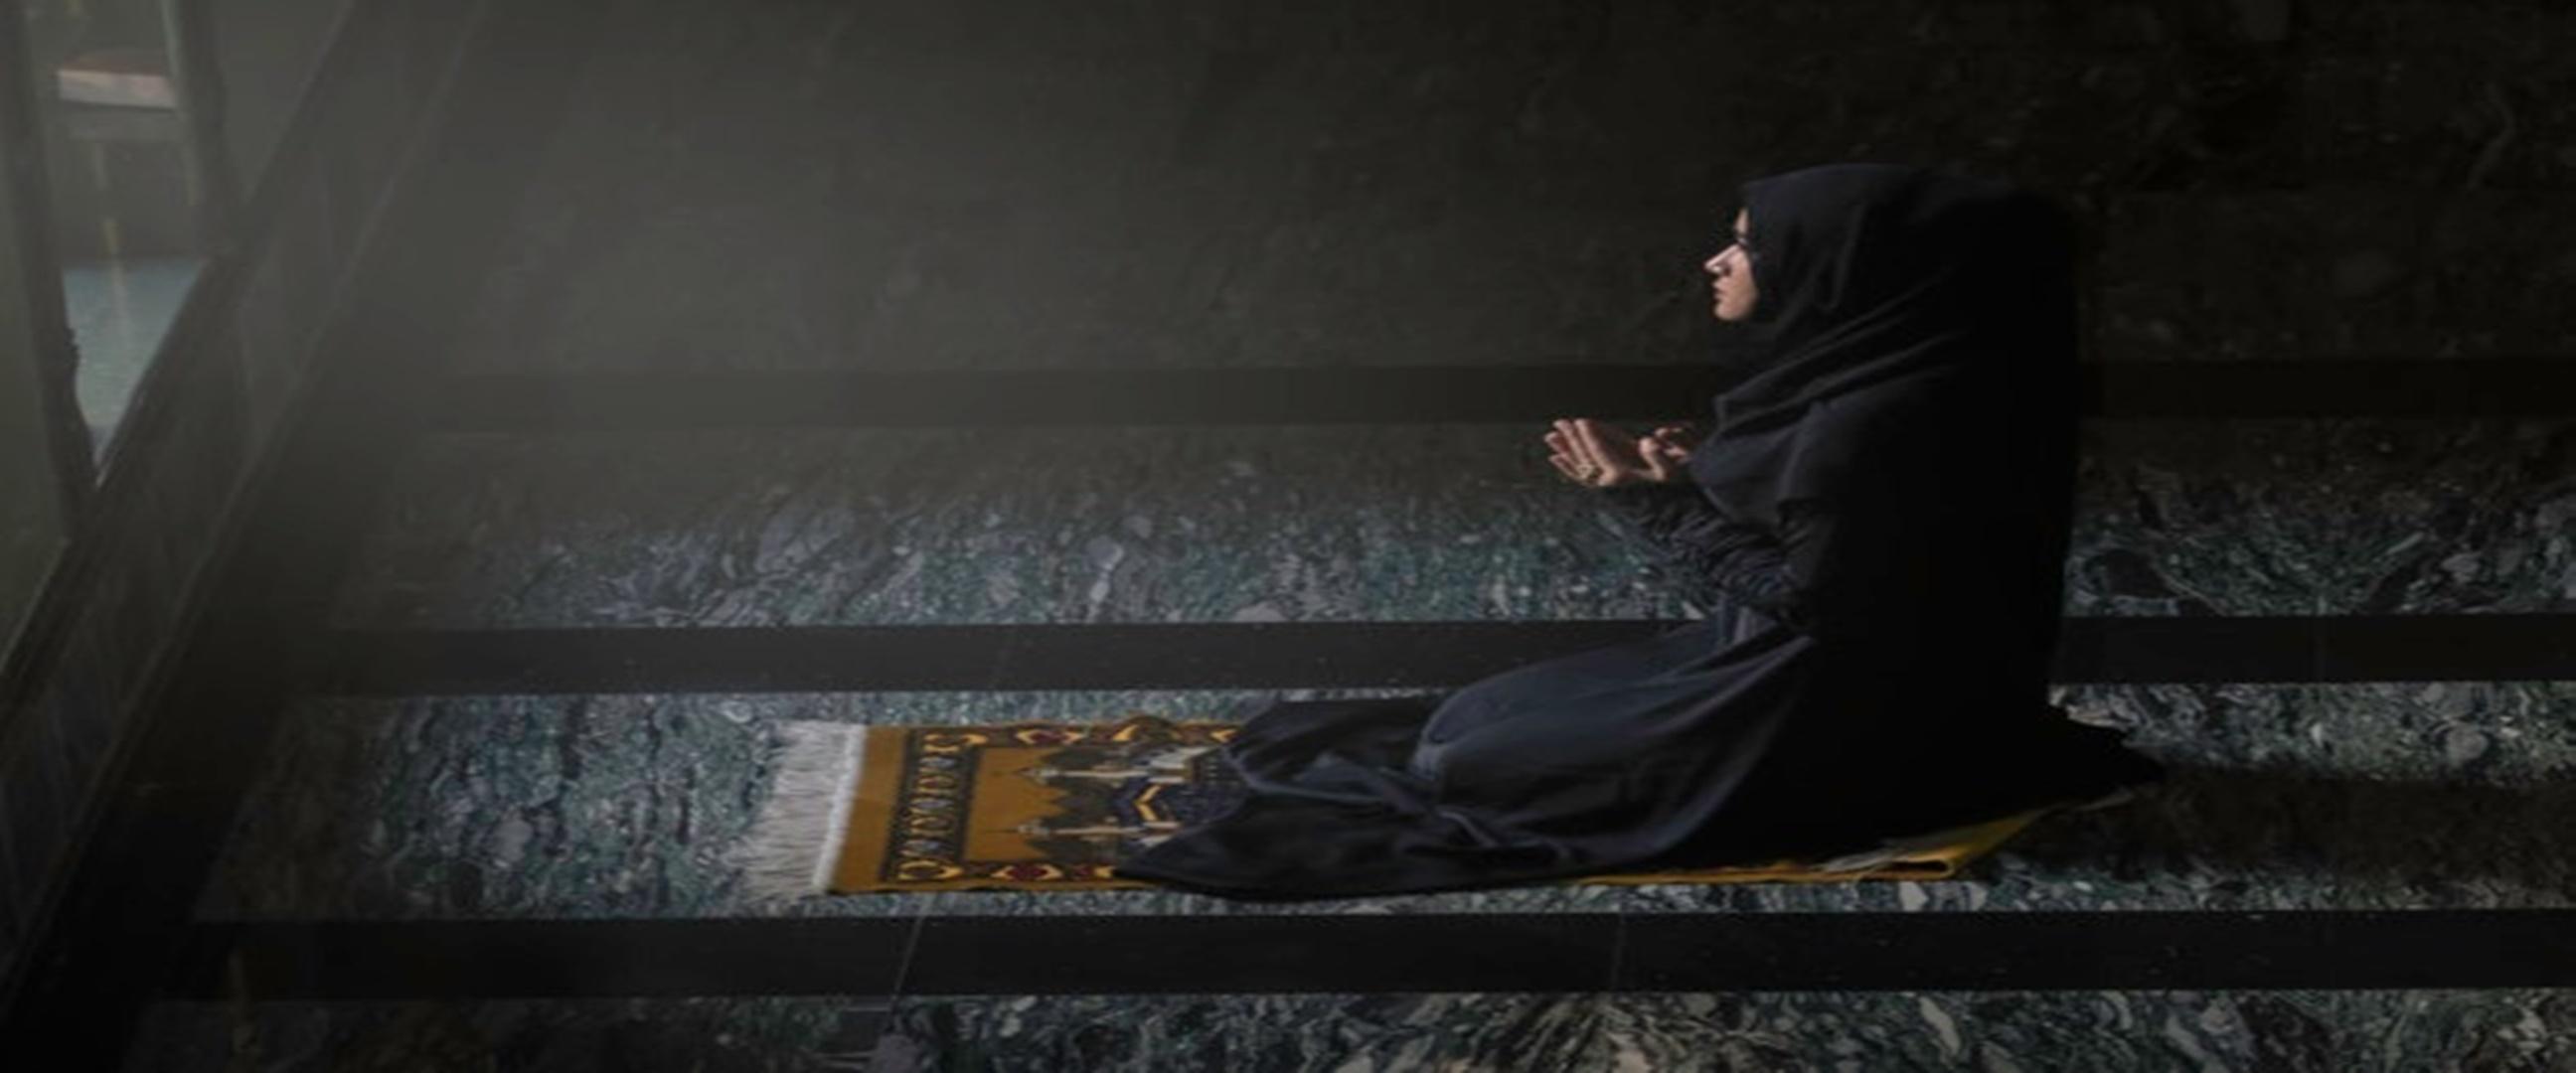 Doa agar keinginan cepat terkabul lengkap dengan arti yang mustajab